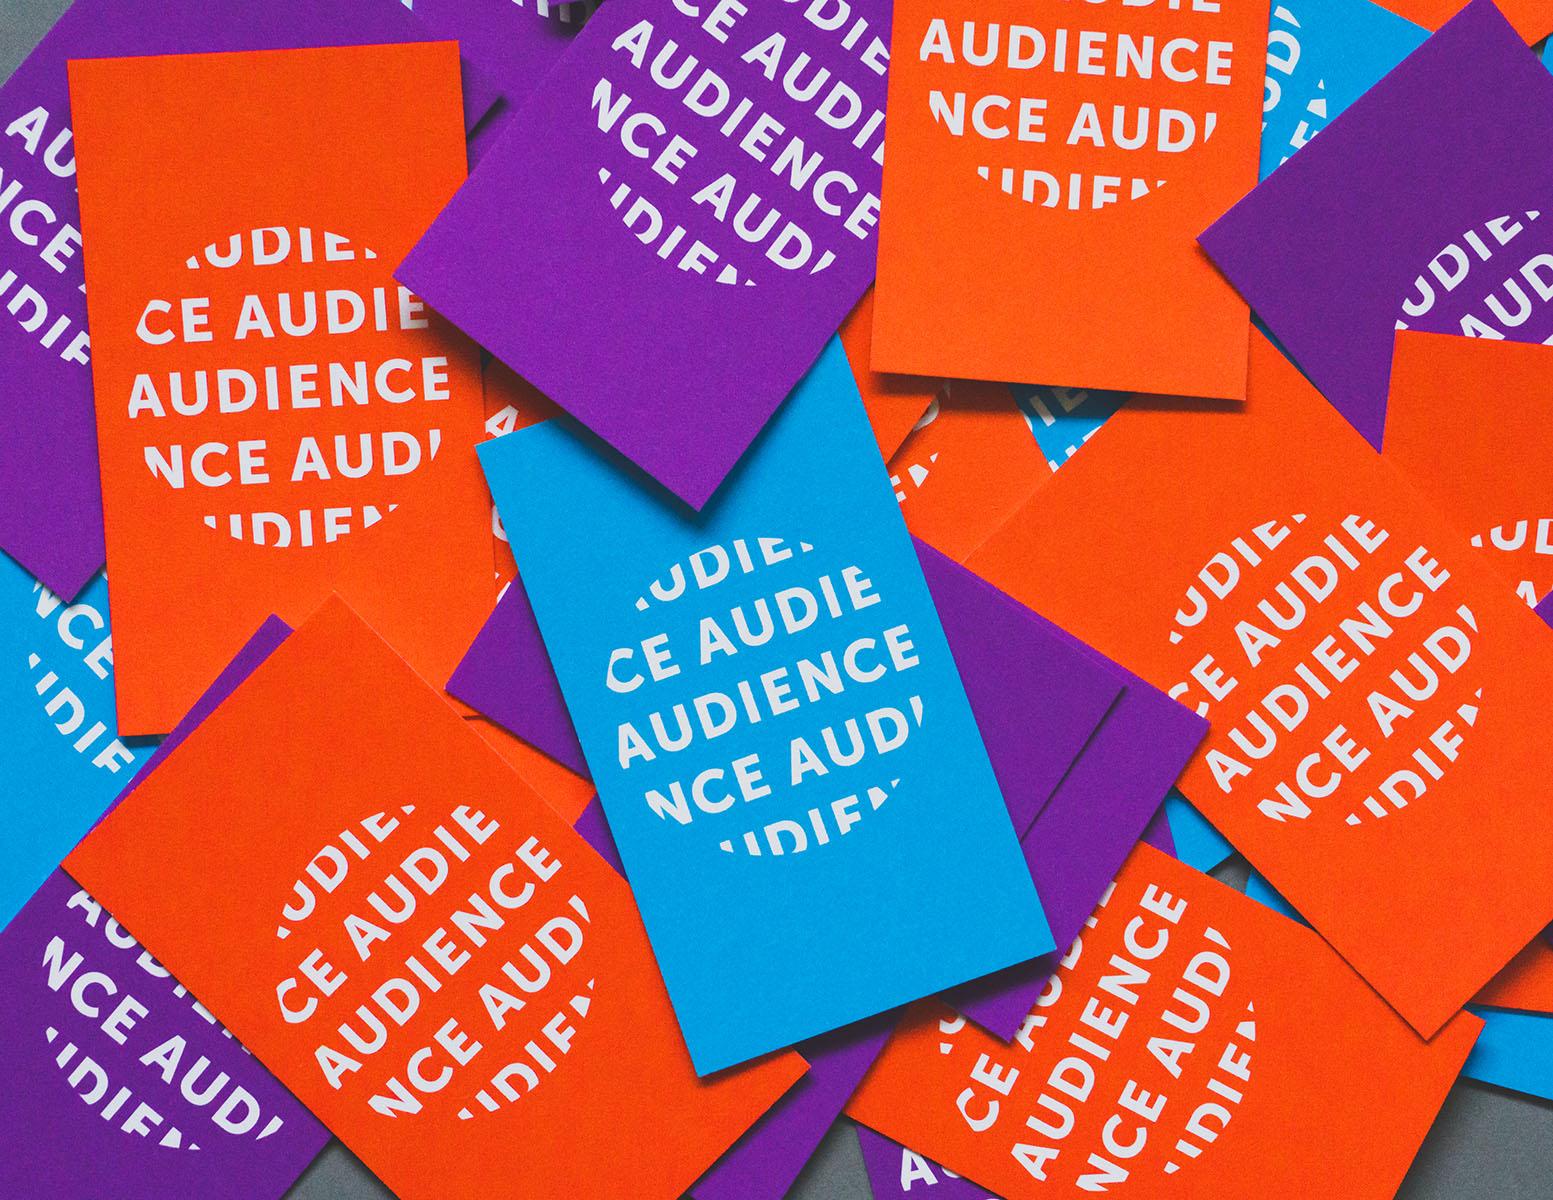 Audience_02.jpg